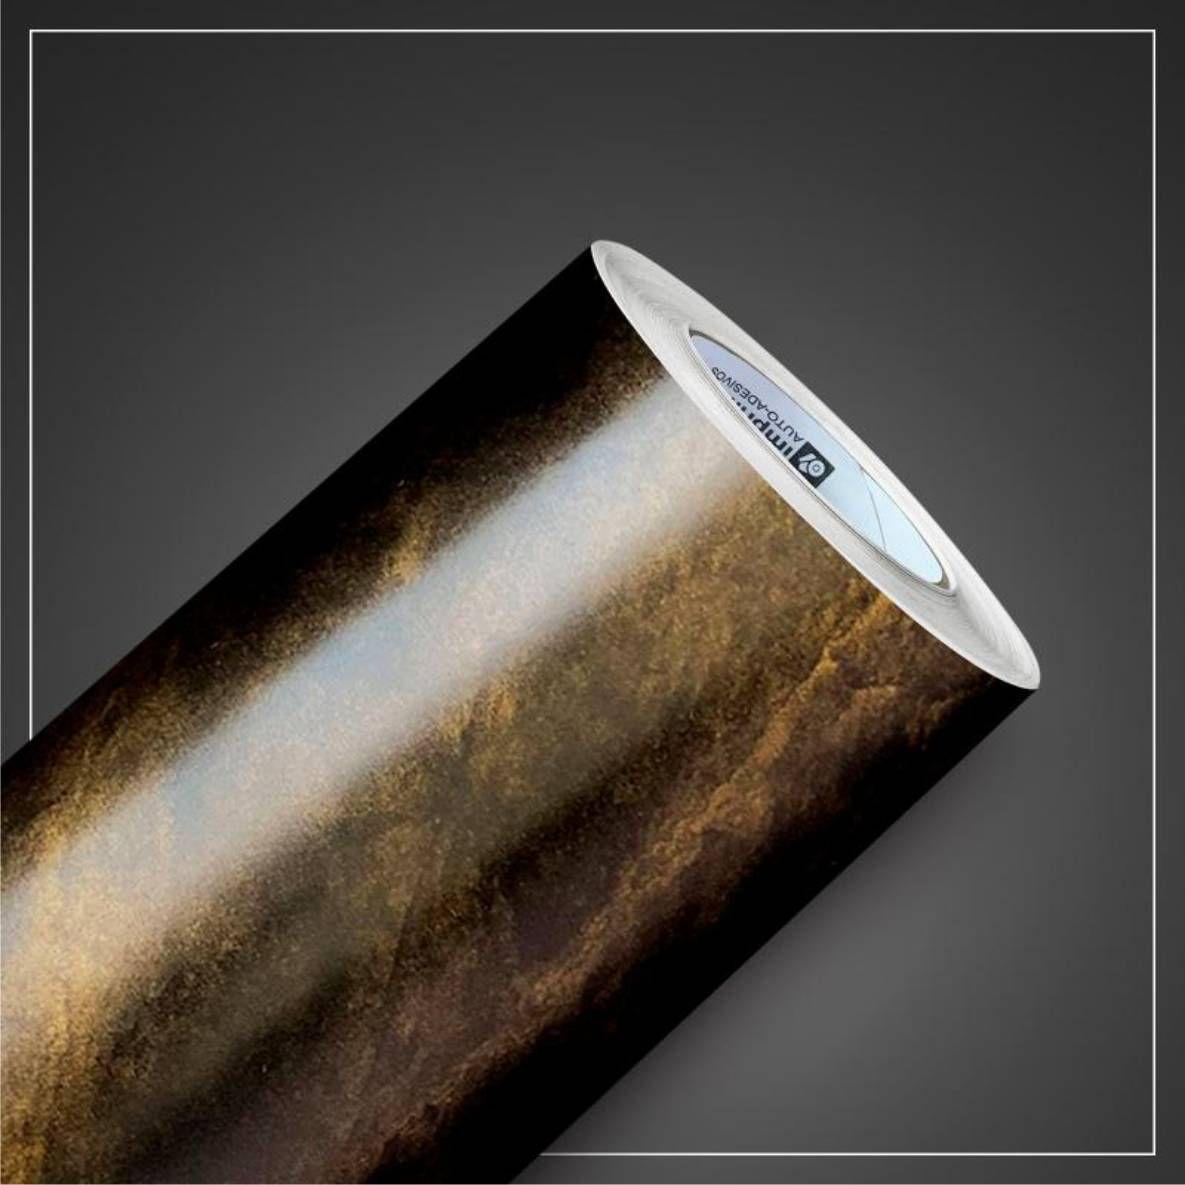 00022 Gold Pedras - Adesivo Decorativo de parede - 60cm larg  - Fac Signs